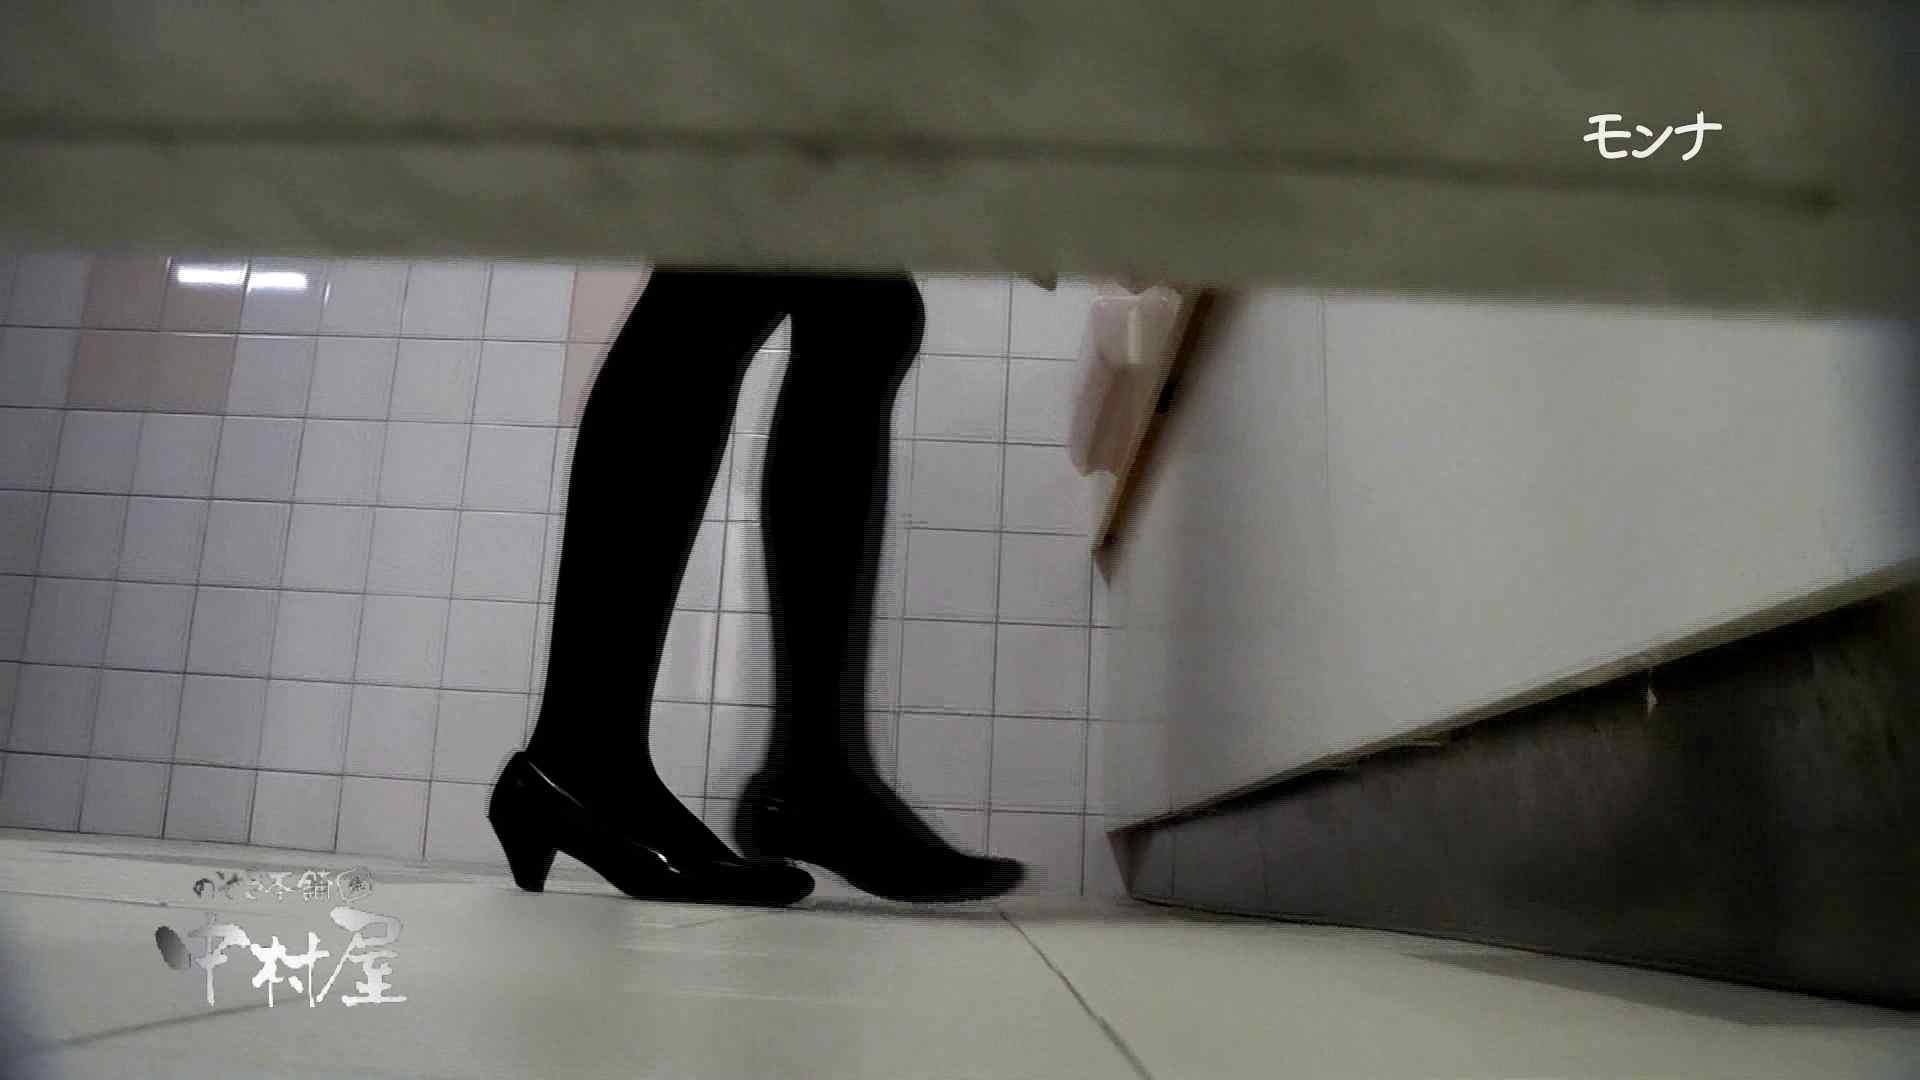 【美しい日本の未来】新学期!!下半身中心に攻めてます美女可愛い女子悪戯盗satuトイレ後編 下半身 覗きおまんこ画像 82連発 7